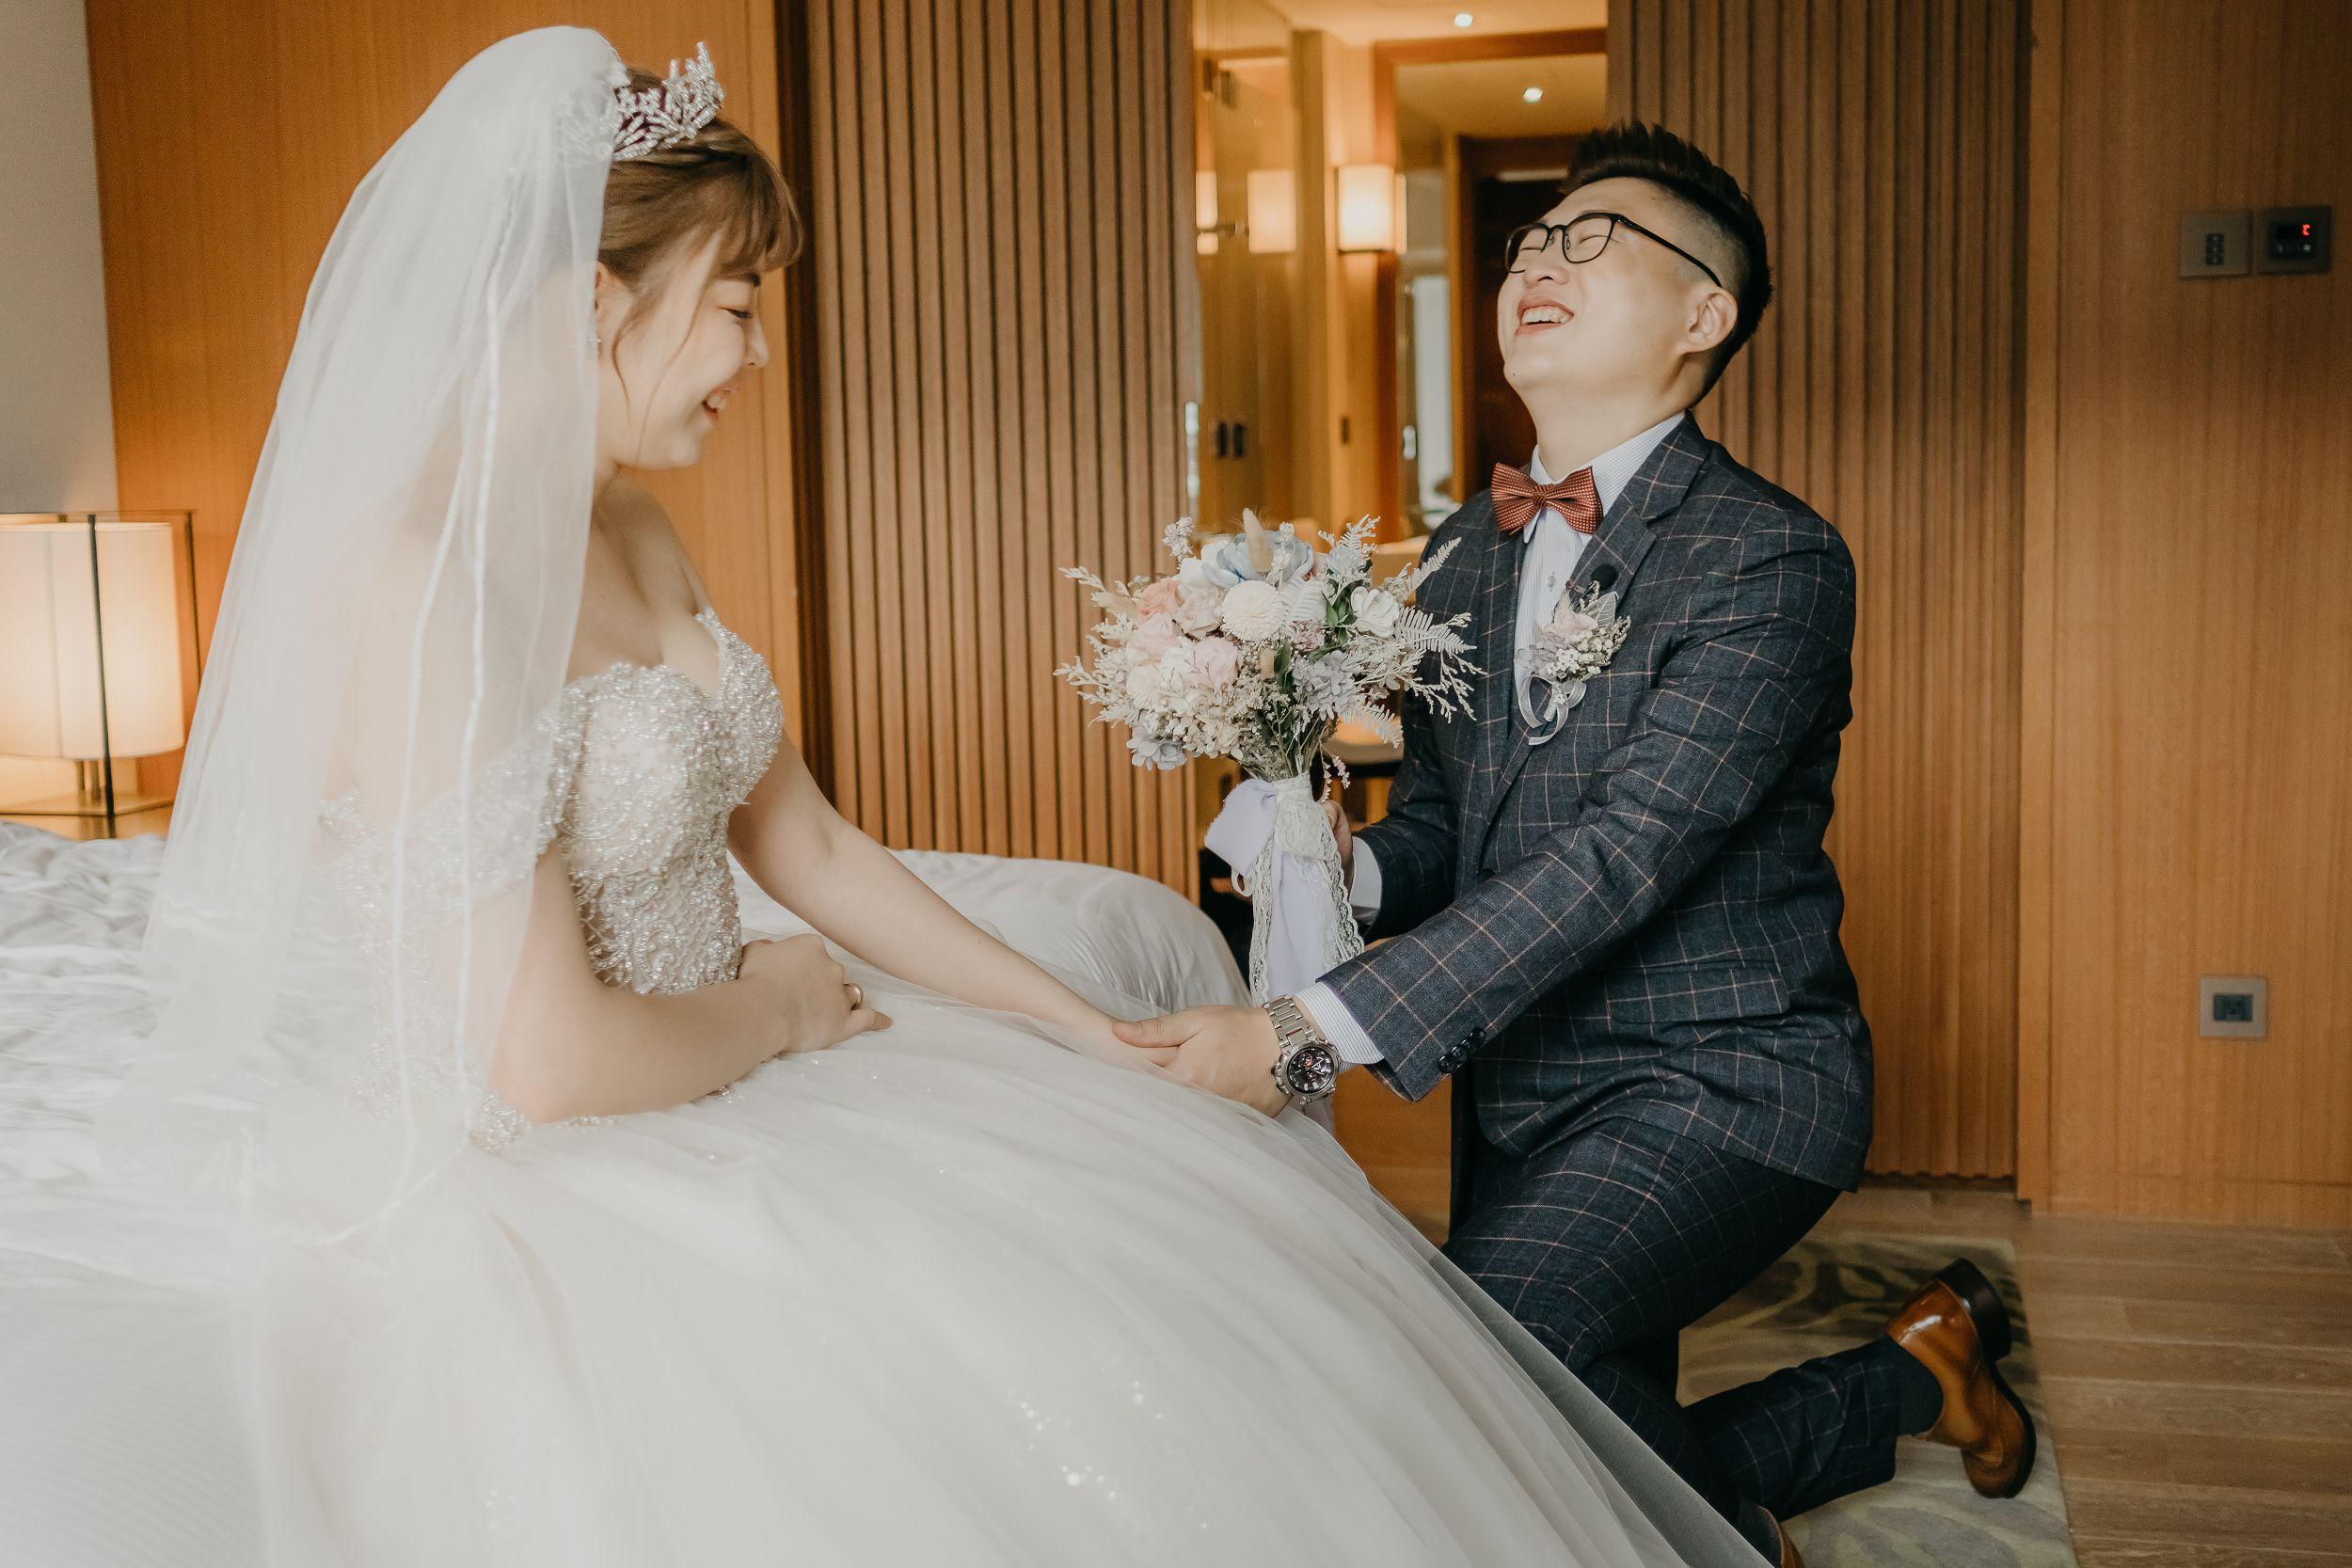 婚禮記錄,婚攝,桃園,大溪,威斯汀,雙機攝影,攝影師,婚顧,婚禮主持,婚禮造型,新秘,類婚紗,全家福,訂婚儀式,結婚儀式,婚攝,北部攝影師,桃園婚攝,龍鳳掛,婚鞋